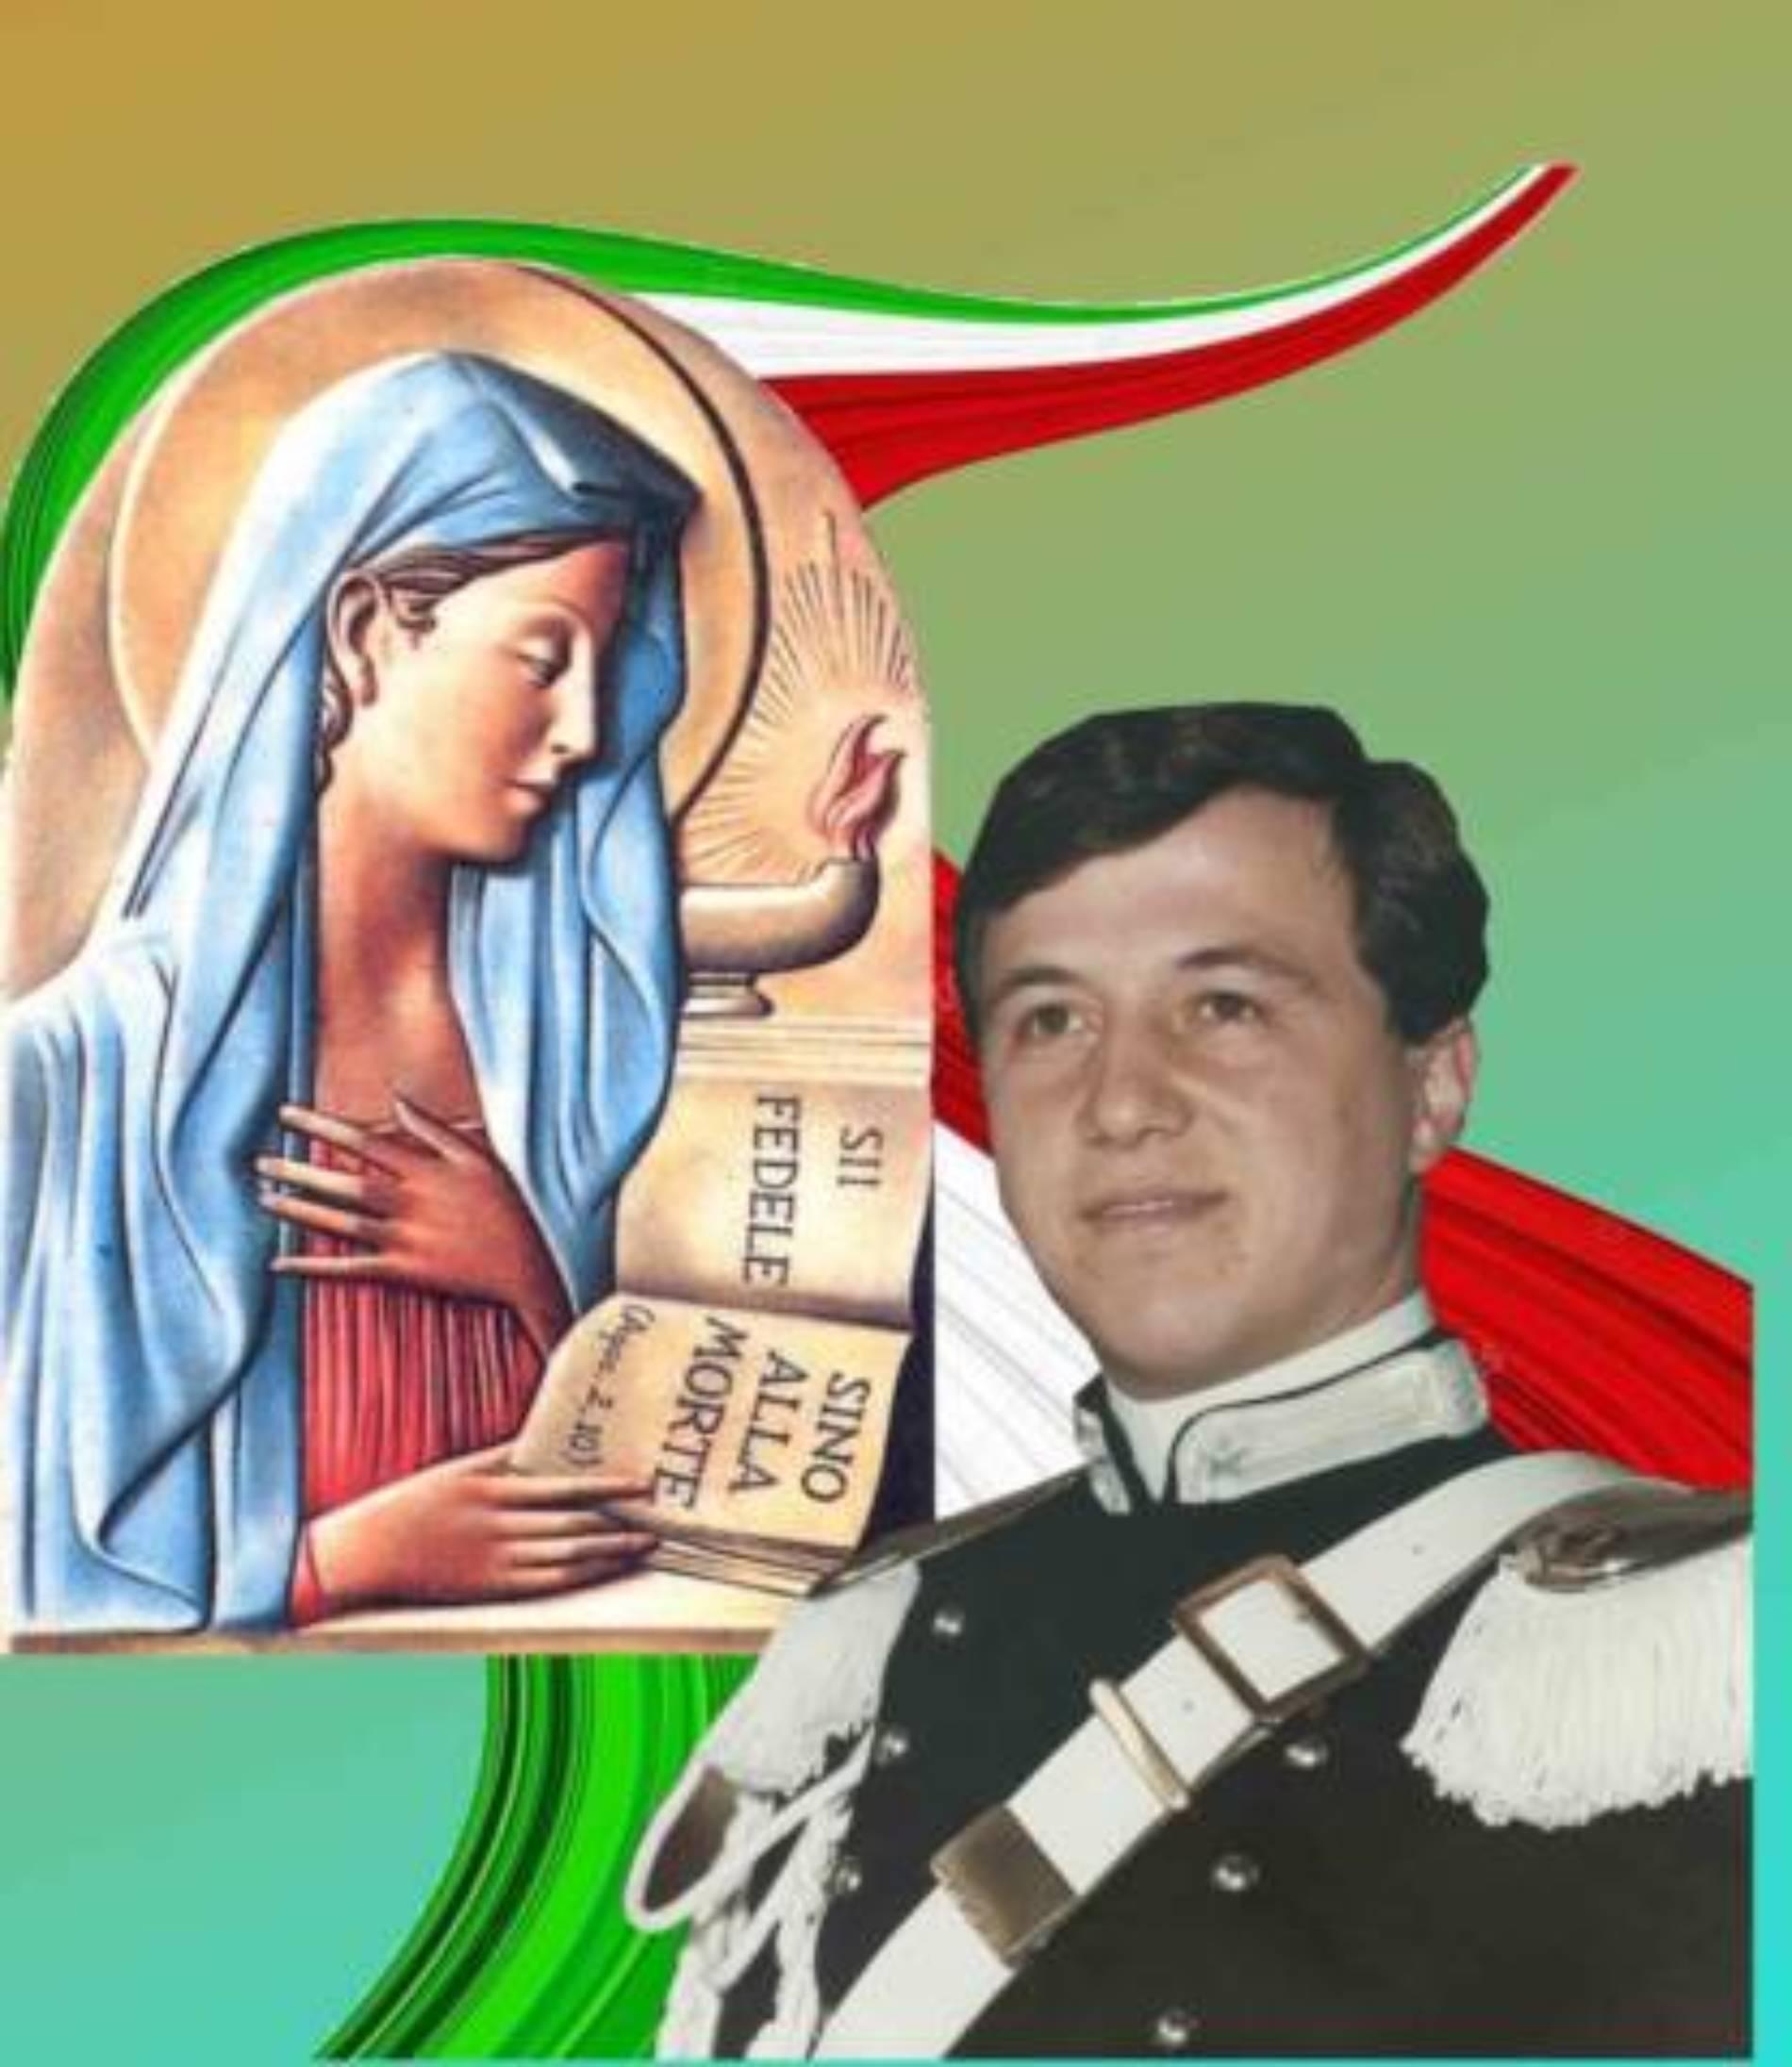 BARRAFRANCA. Celebrato il 28° della morte dell'appuntato dei carabinieri Michele Fiore